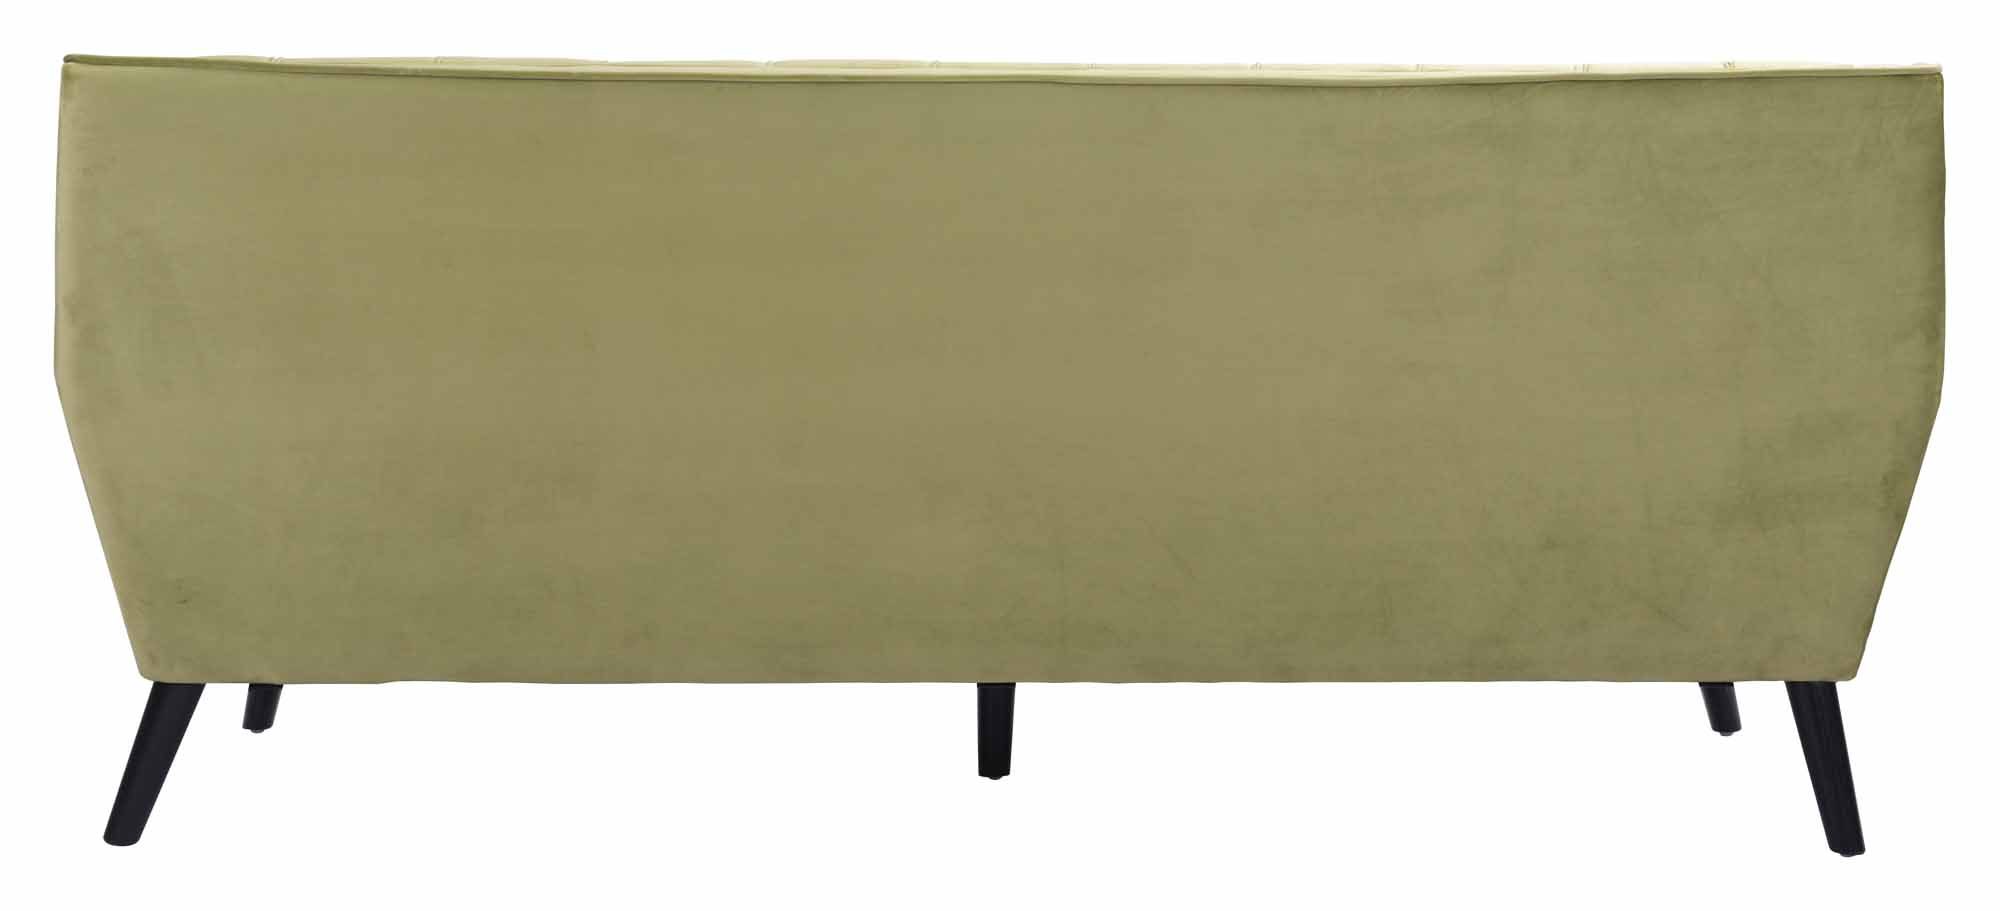 Nantucket Sofa Green Velvet By Zuo Modern